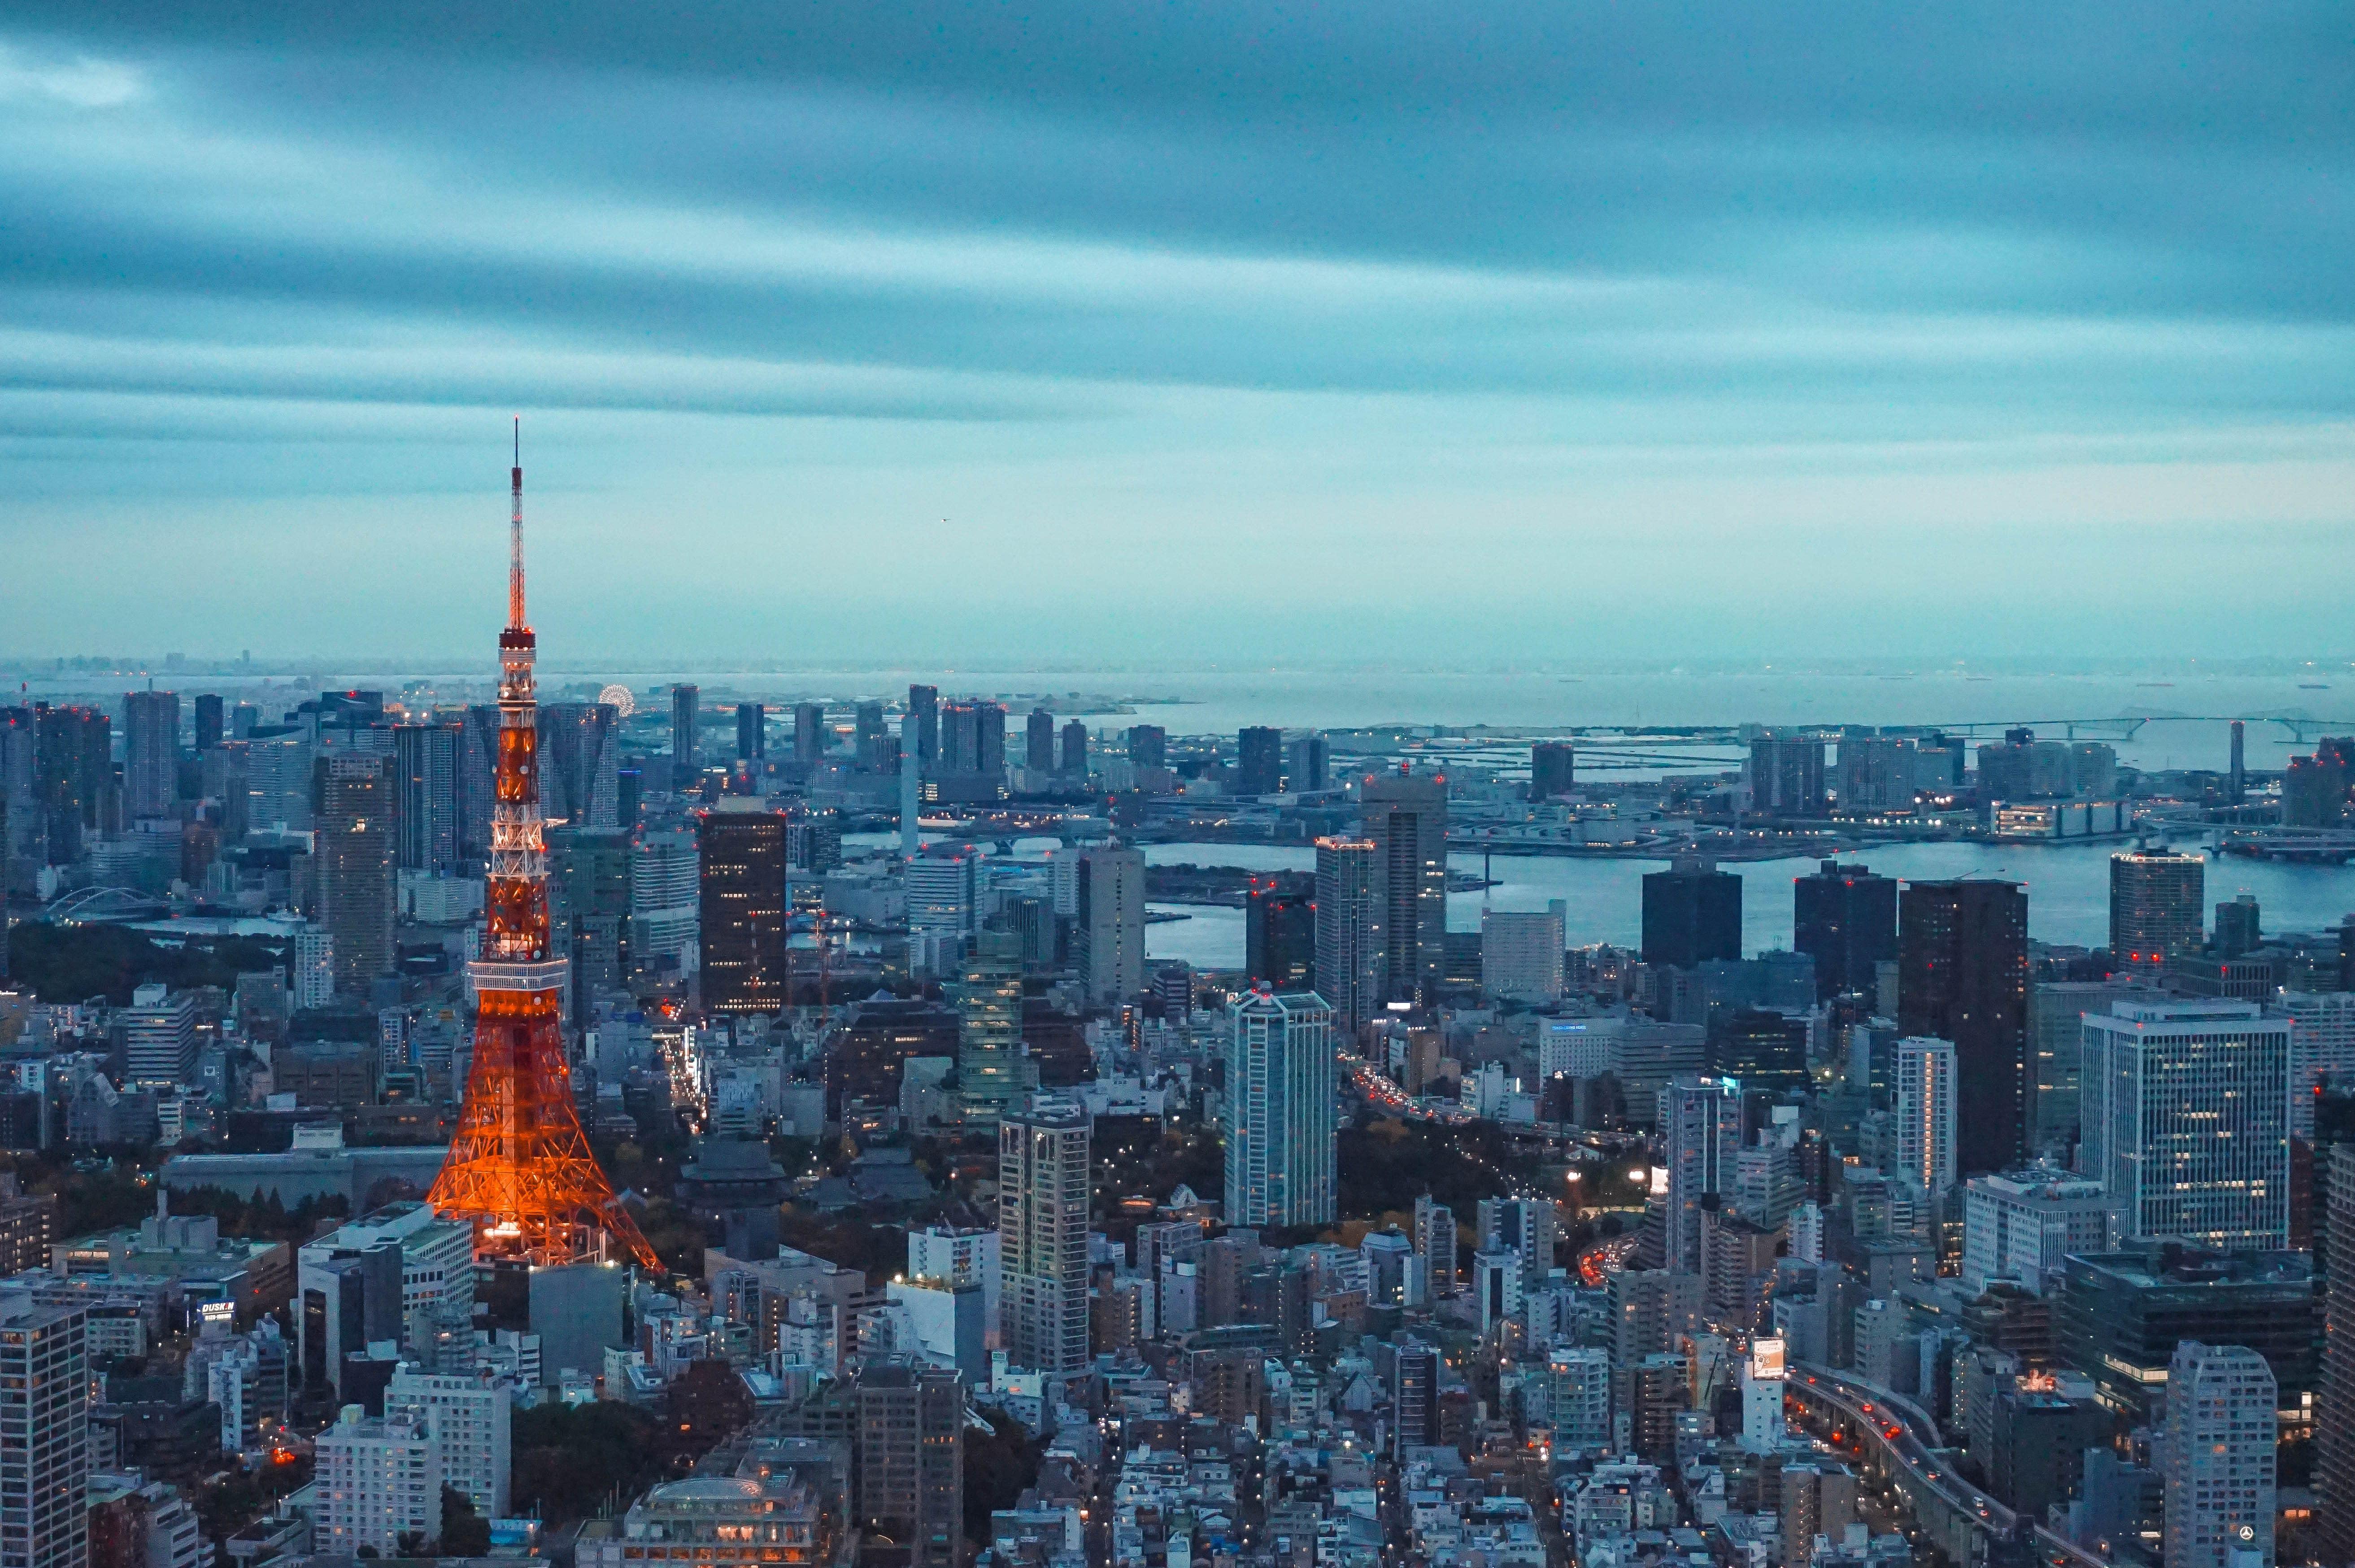 ทดสอบความกล้ากับ 10 หนังสยองขวัญจากญี่ปุ่นที่ต้องดูให้ได้ในฮาโลวีนปีนี้!